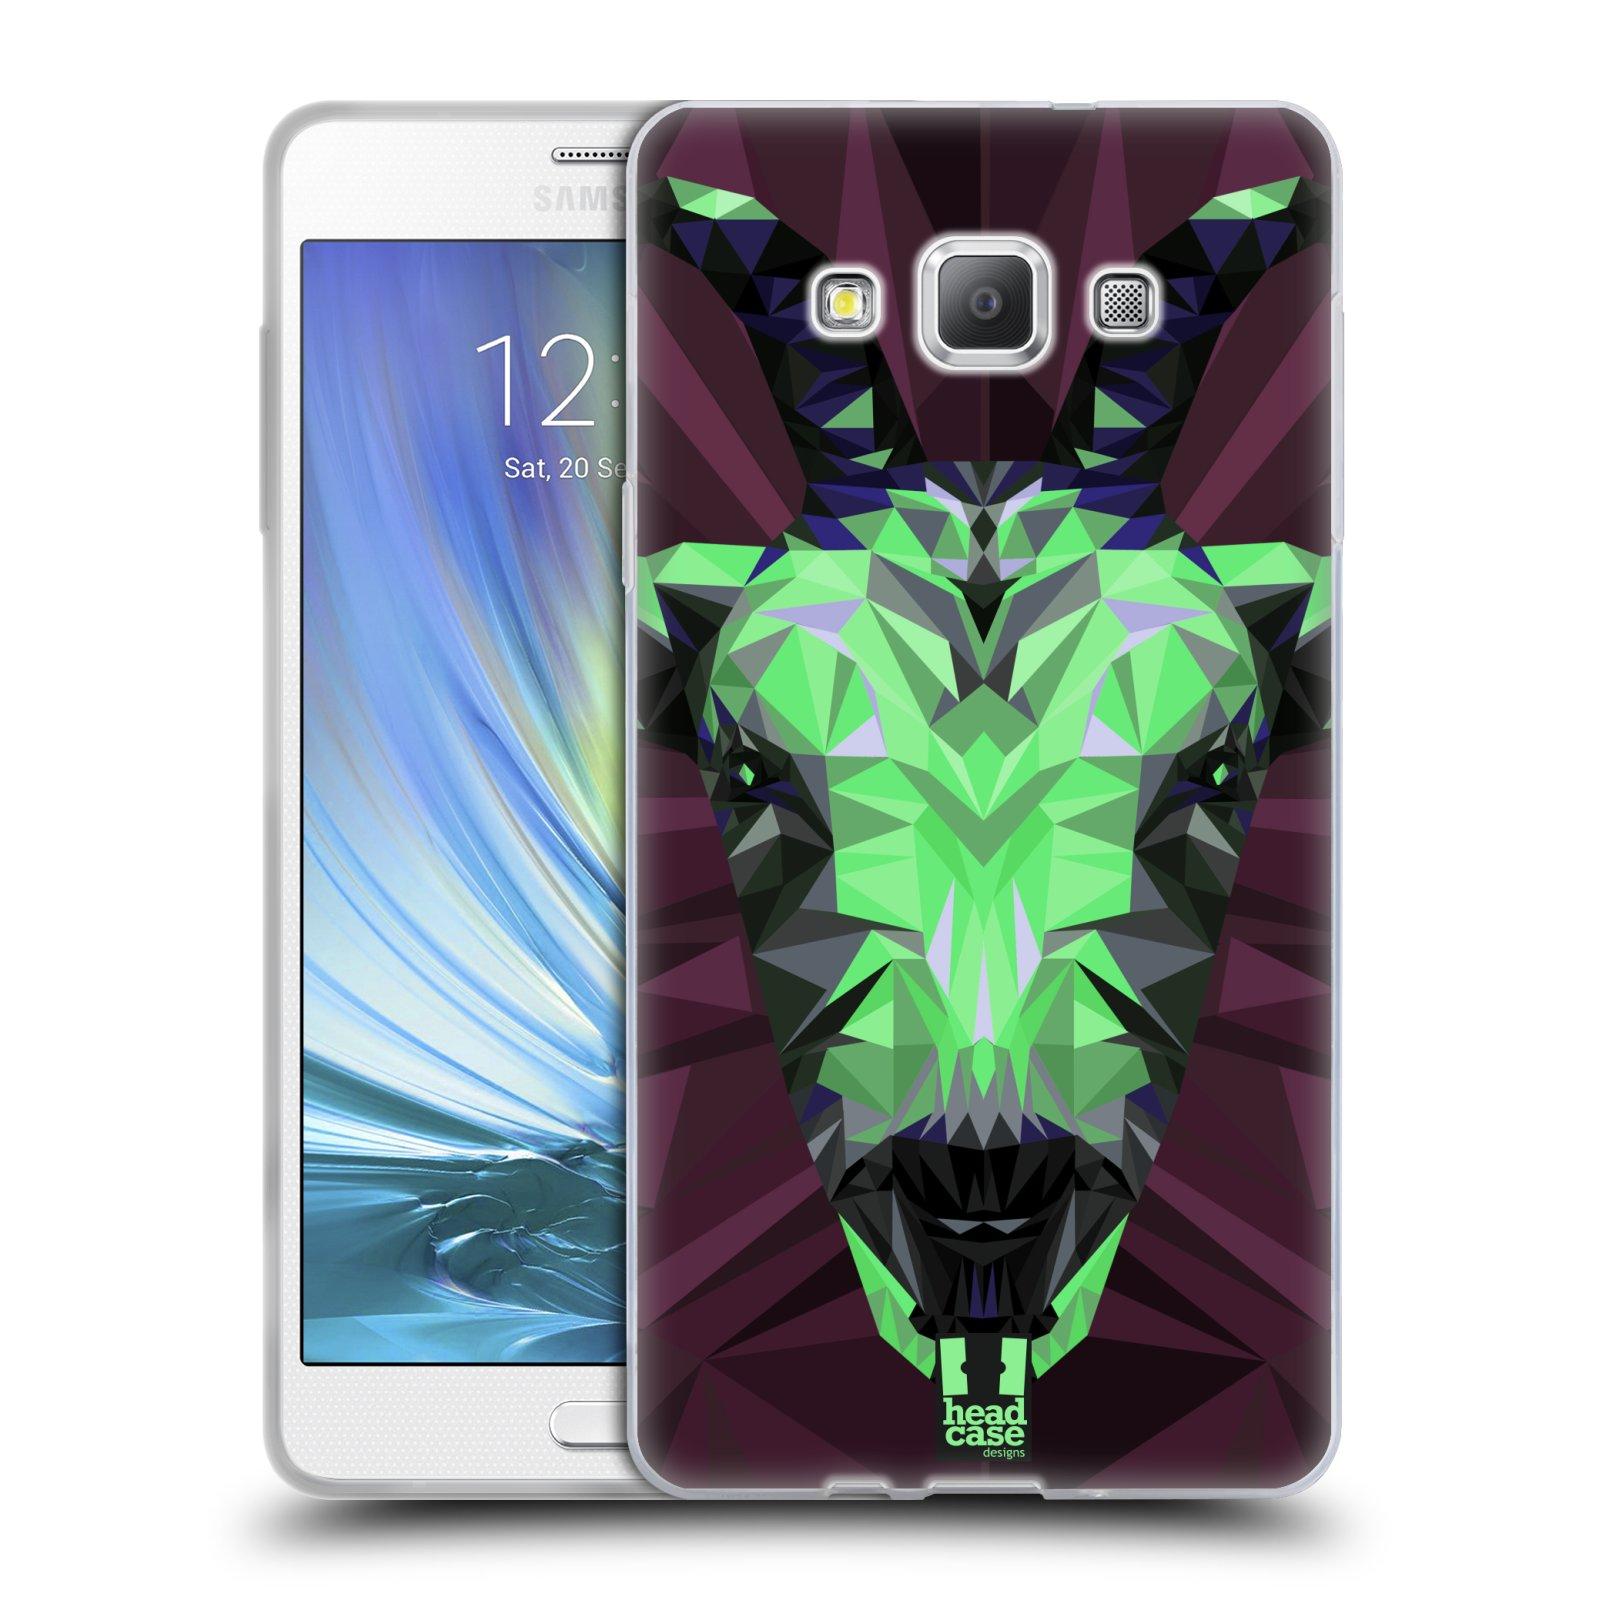 HEAD CASE silikonový obal na mobil Samsung Galaxy A7 vzor Geometrická zvířata 2 kozel